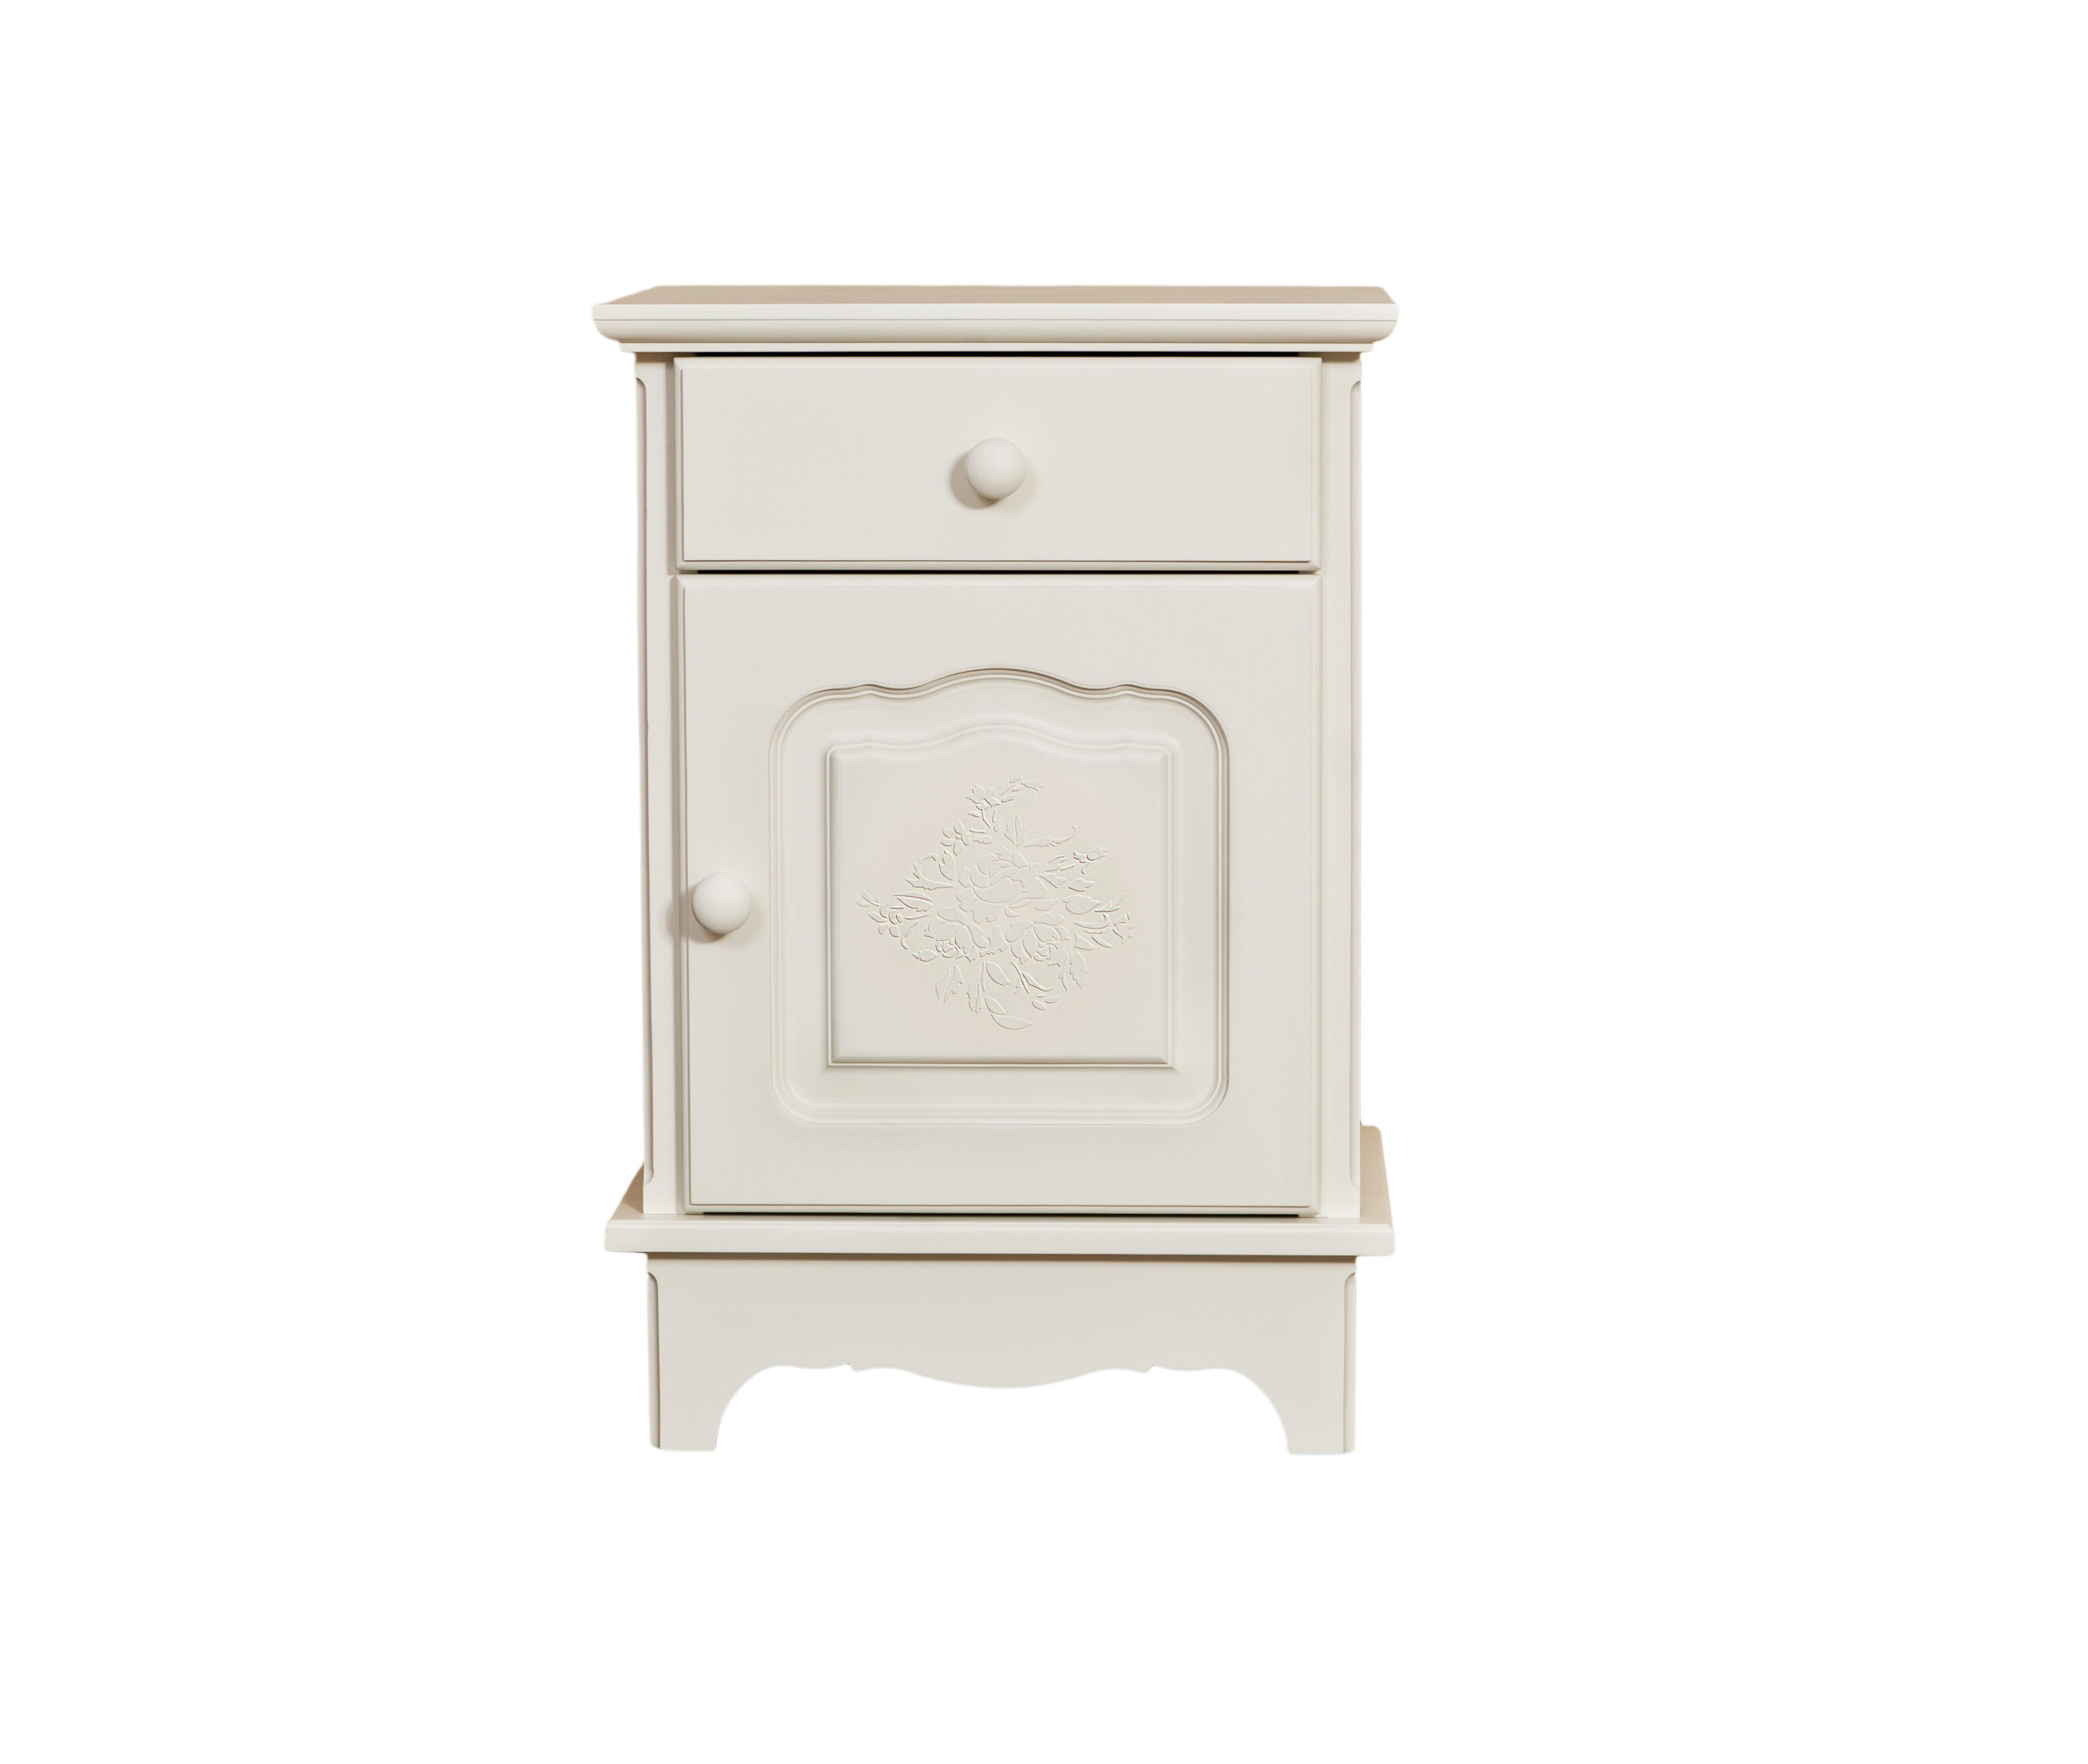 Тумбочка Belle Fleur BlancПрикроватные тумбы, комоды, столики<br>Отделка: Belle Fleur Blanc - объемный орнамент из роз белого цвета.&amp;amp;nbsp;<br><br>Material: Береза<br>Width см: 45<br>Depth см: 32,5<br>Height см: 65